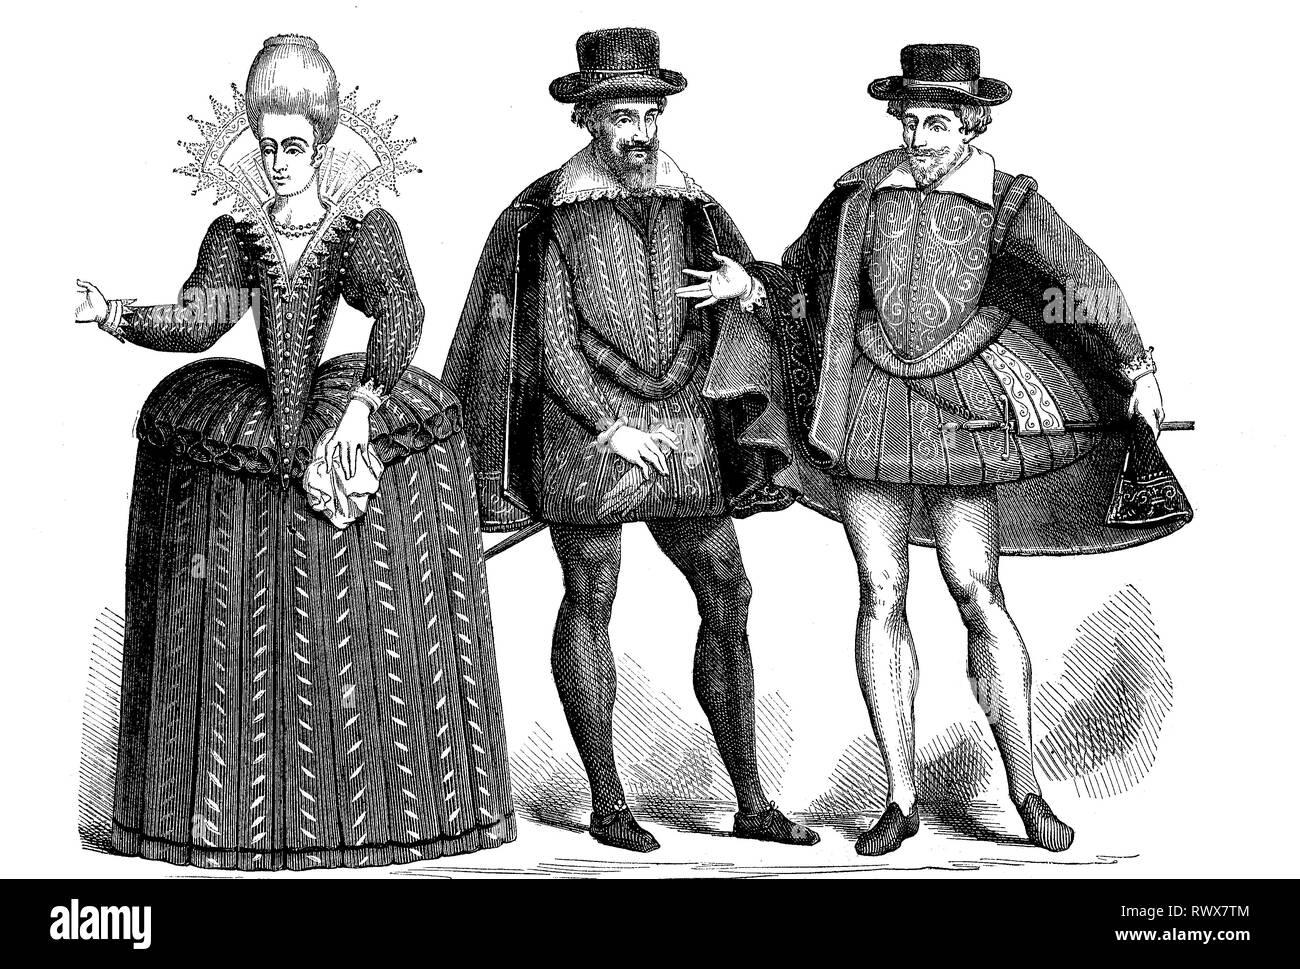 Eine Dame und zwei Herren in der Mode von 1605, Paris, Frankreich  /  A lady and two gentlemen in the fashion of 1605, Paris, France - Stock Image